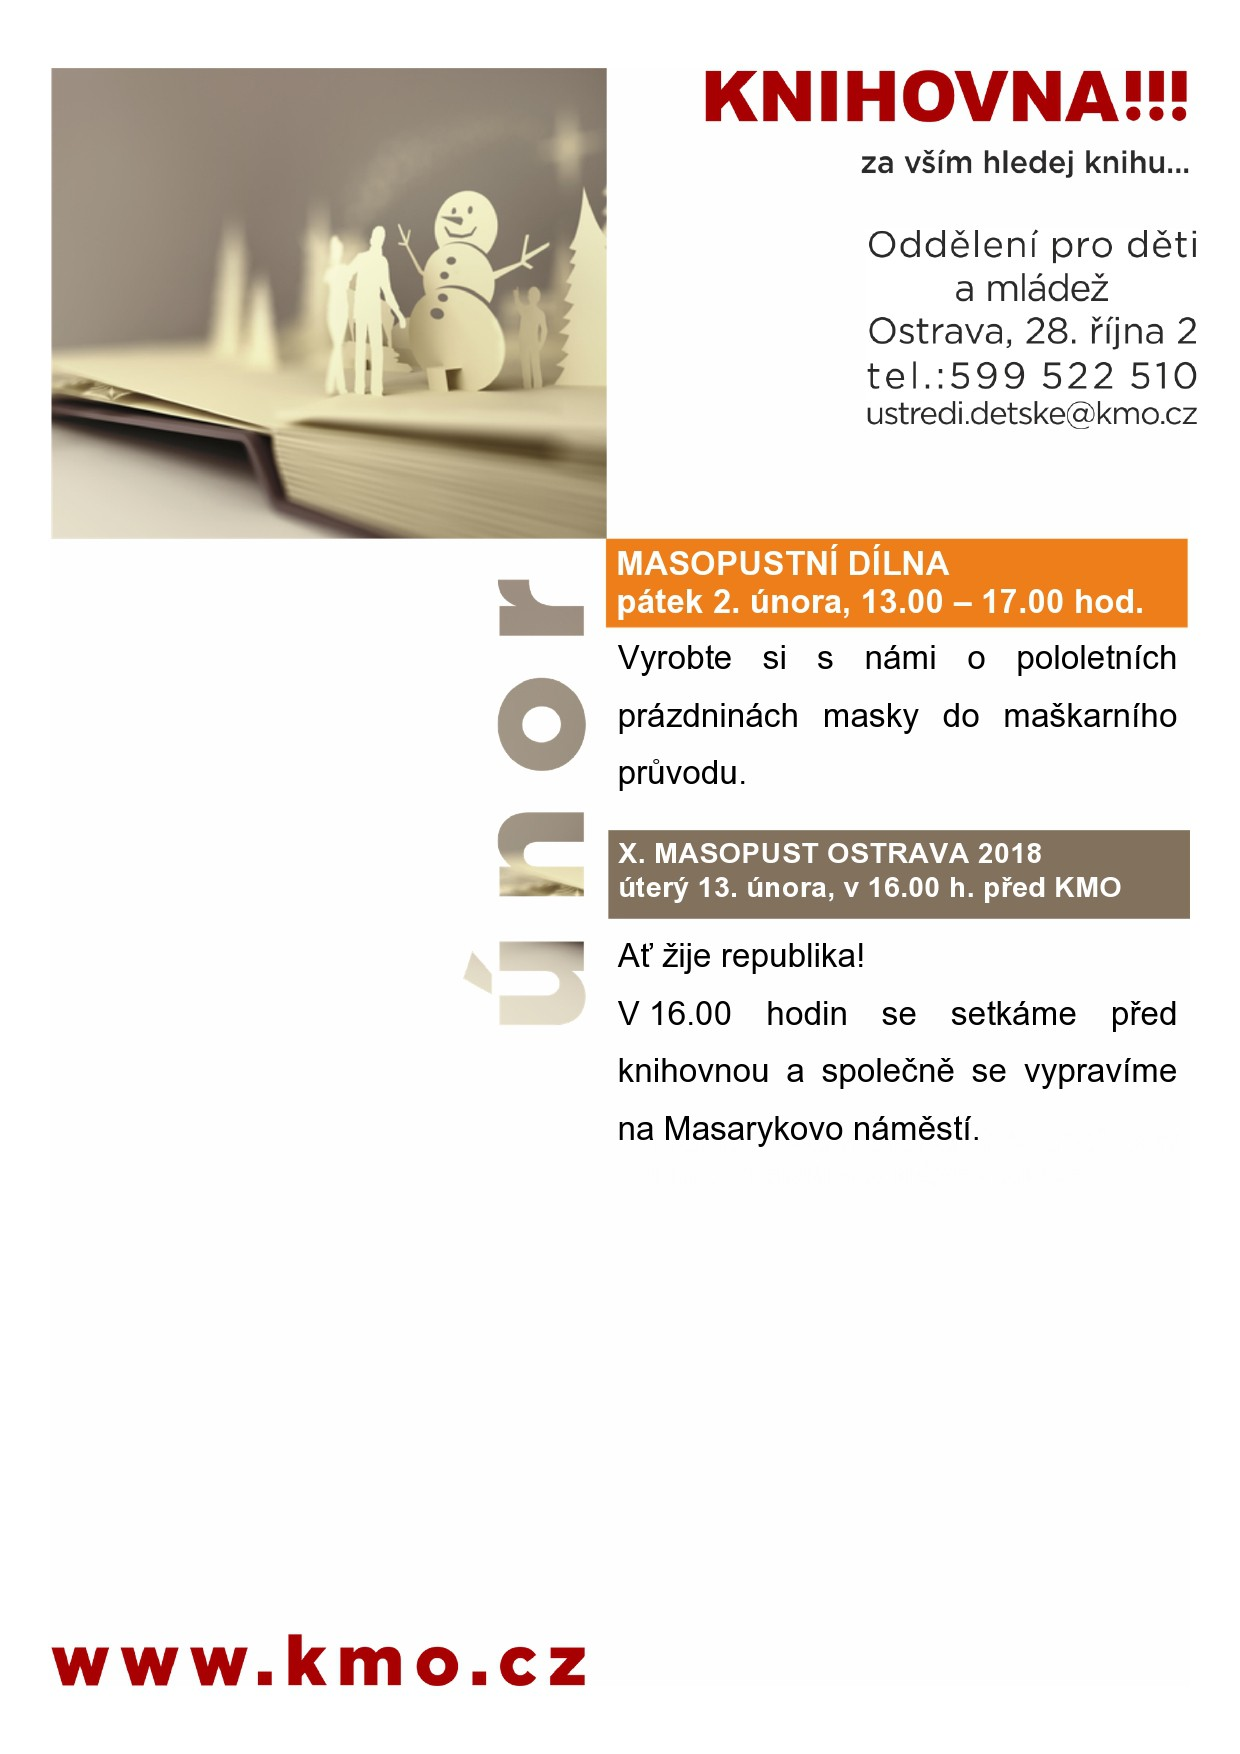 MASOPUSTNÍ DÍLNA pátek 2. února, 13.00 – 17.00 hod. Vyrobte si s námi o pololetních prázdninách masky do maškarního průvodu. 10. MASOPUST OSTRAVA 2018 úterý 13. února, v 16.00 h. před KMO  Ať žije republika! V 16.00 hodin se setkáme před knihovnou a společně se vypravíme na Masarykovo náměstí.